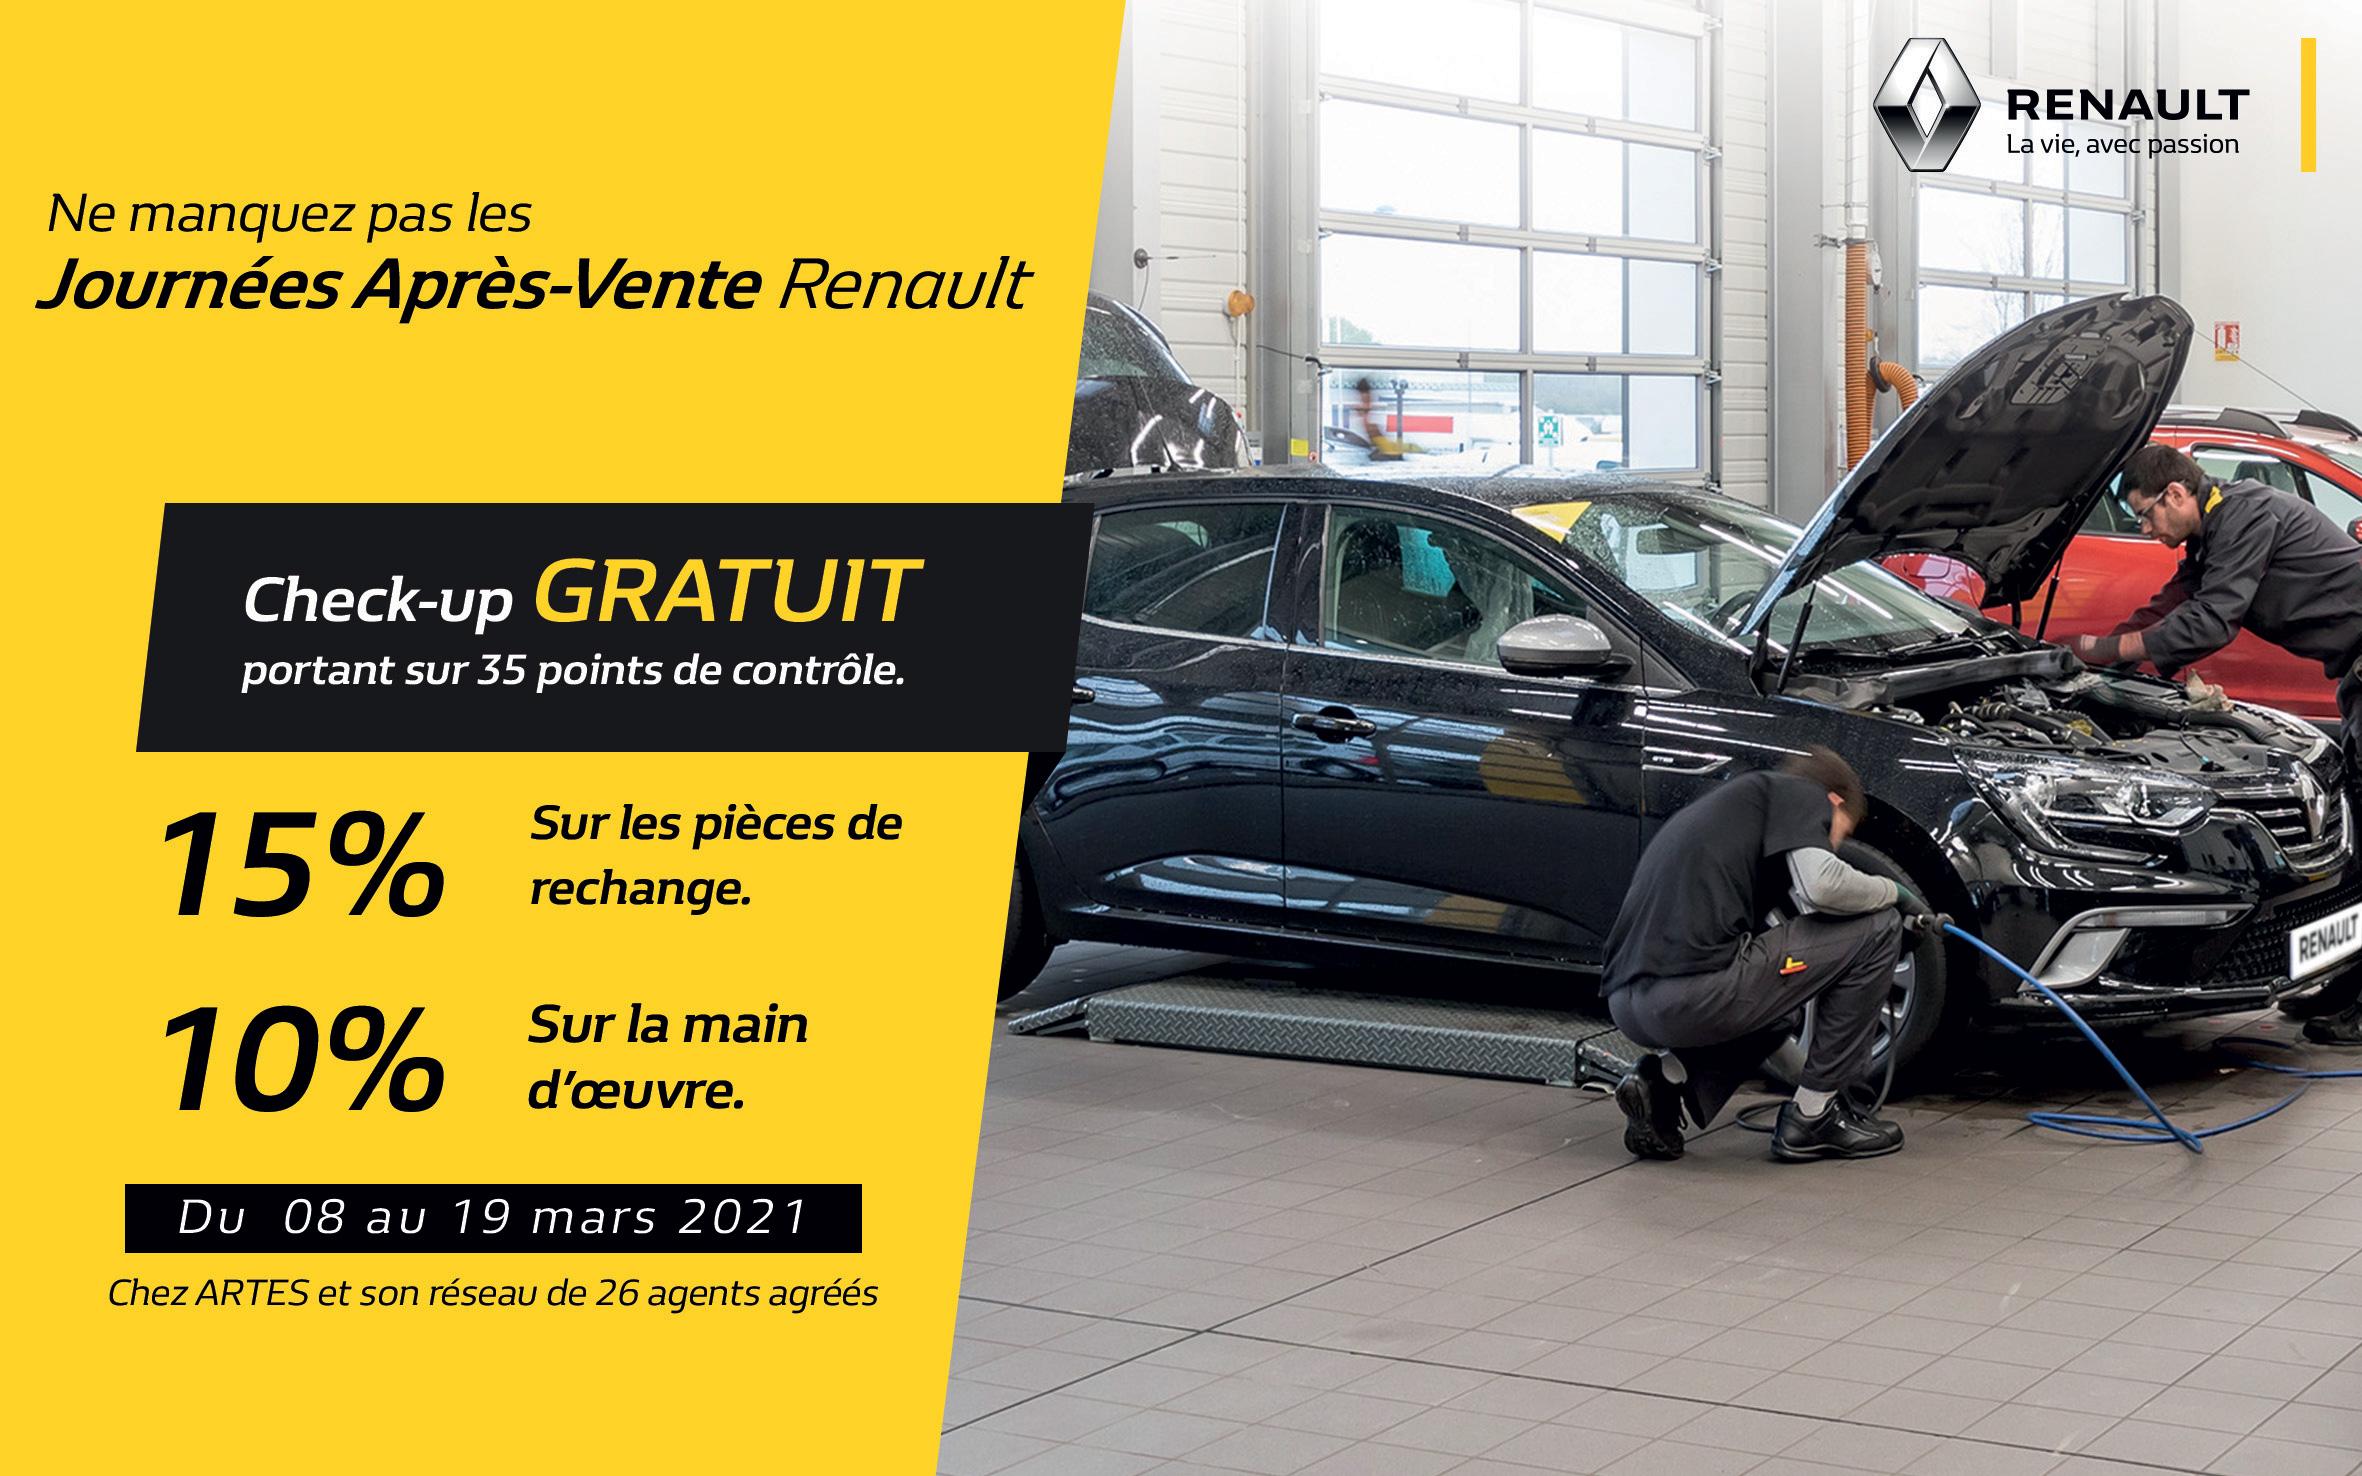 Journées après vente Renault